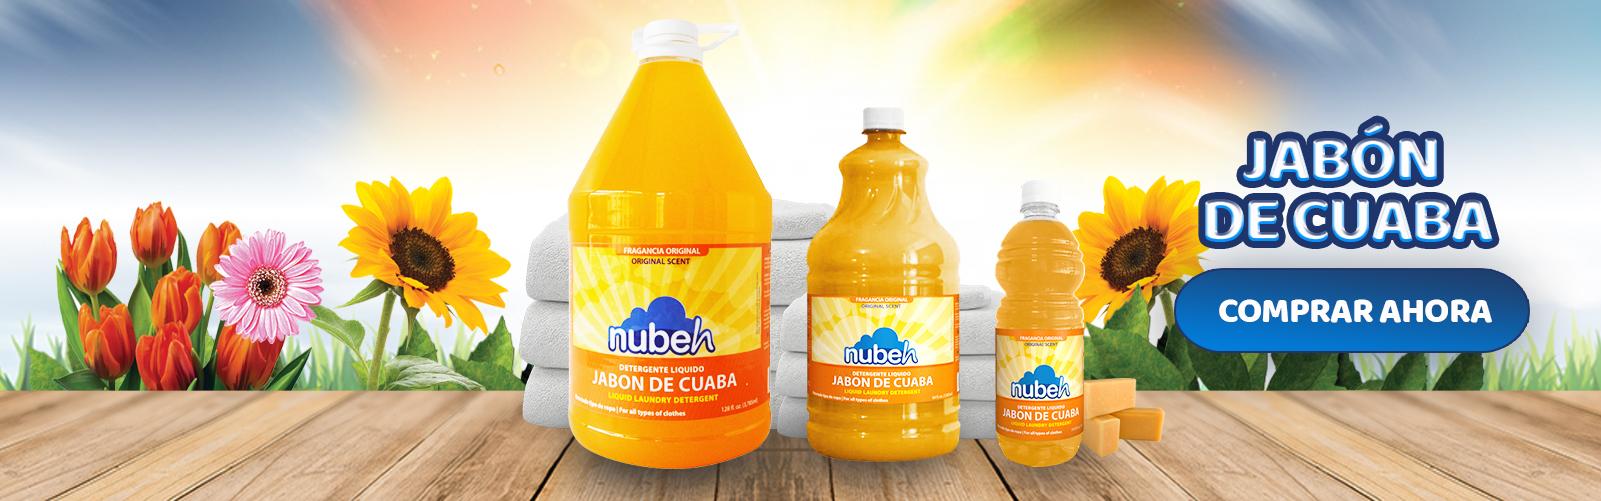 Jabón de Cuava  -  Nubeh